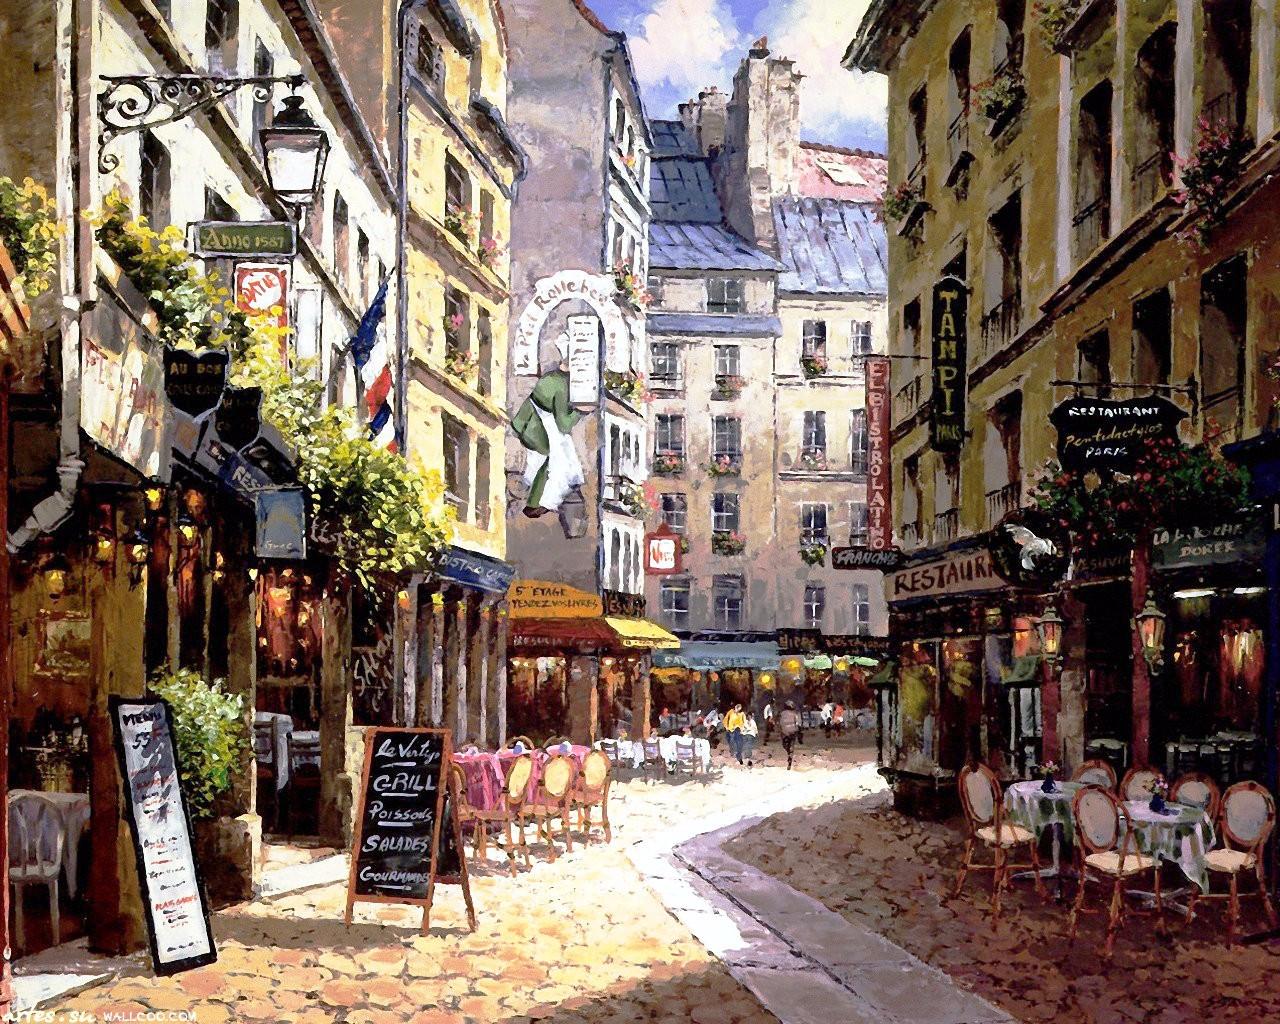 我是我,我是巴黎人。巴黎是我的游乐场。